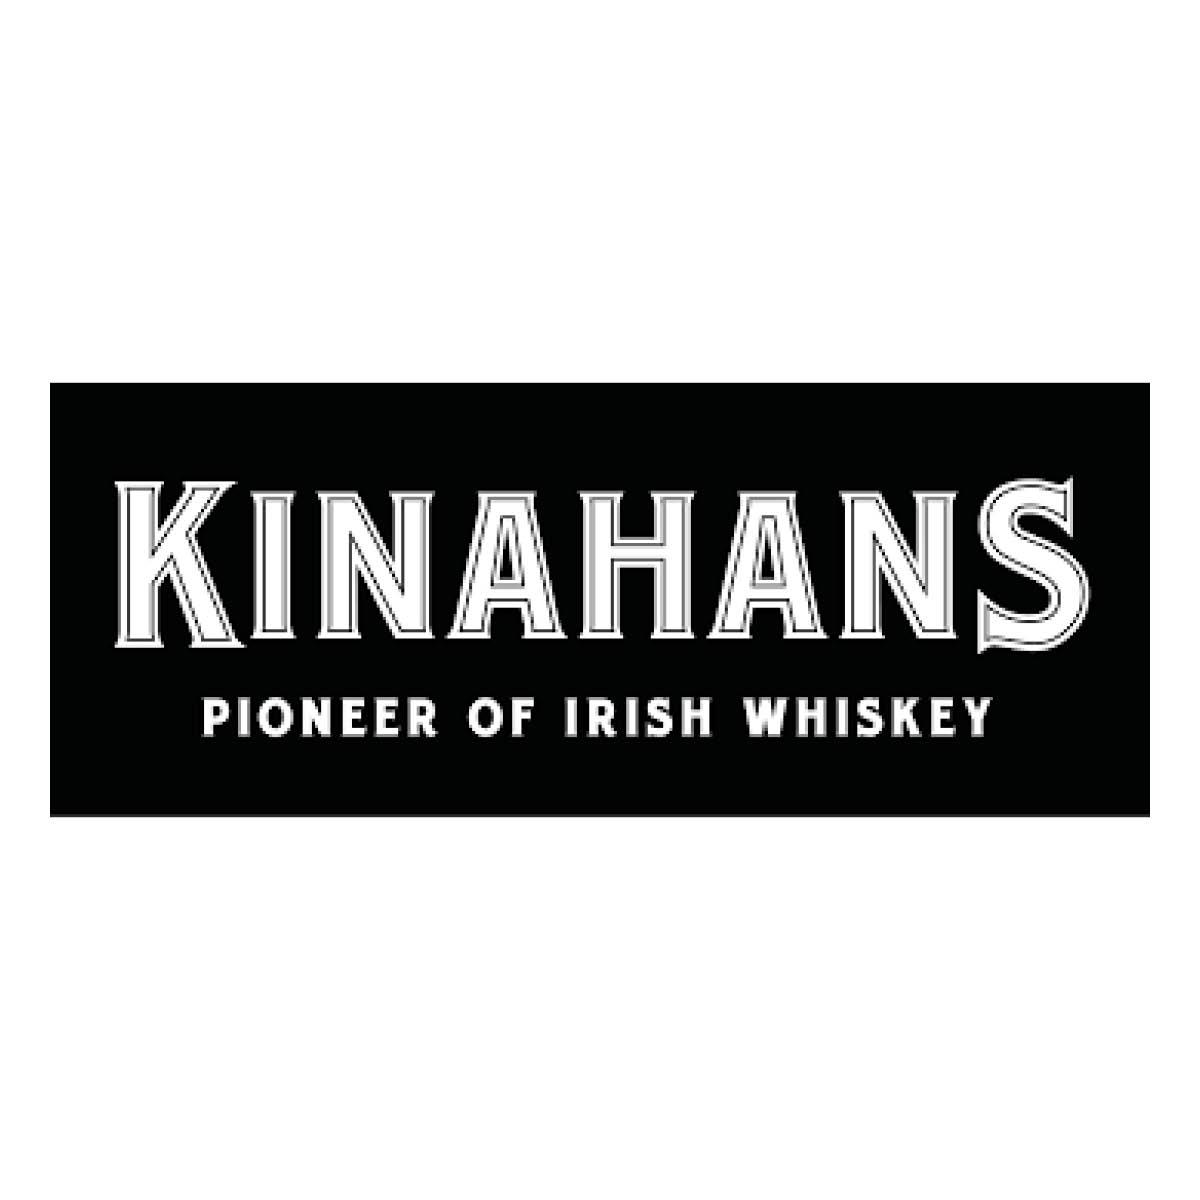 Kinahans